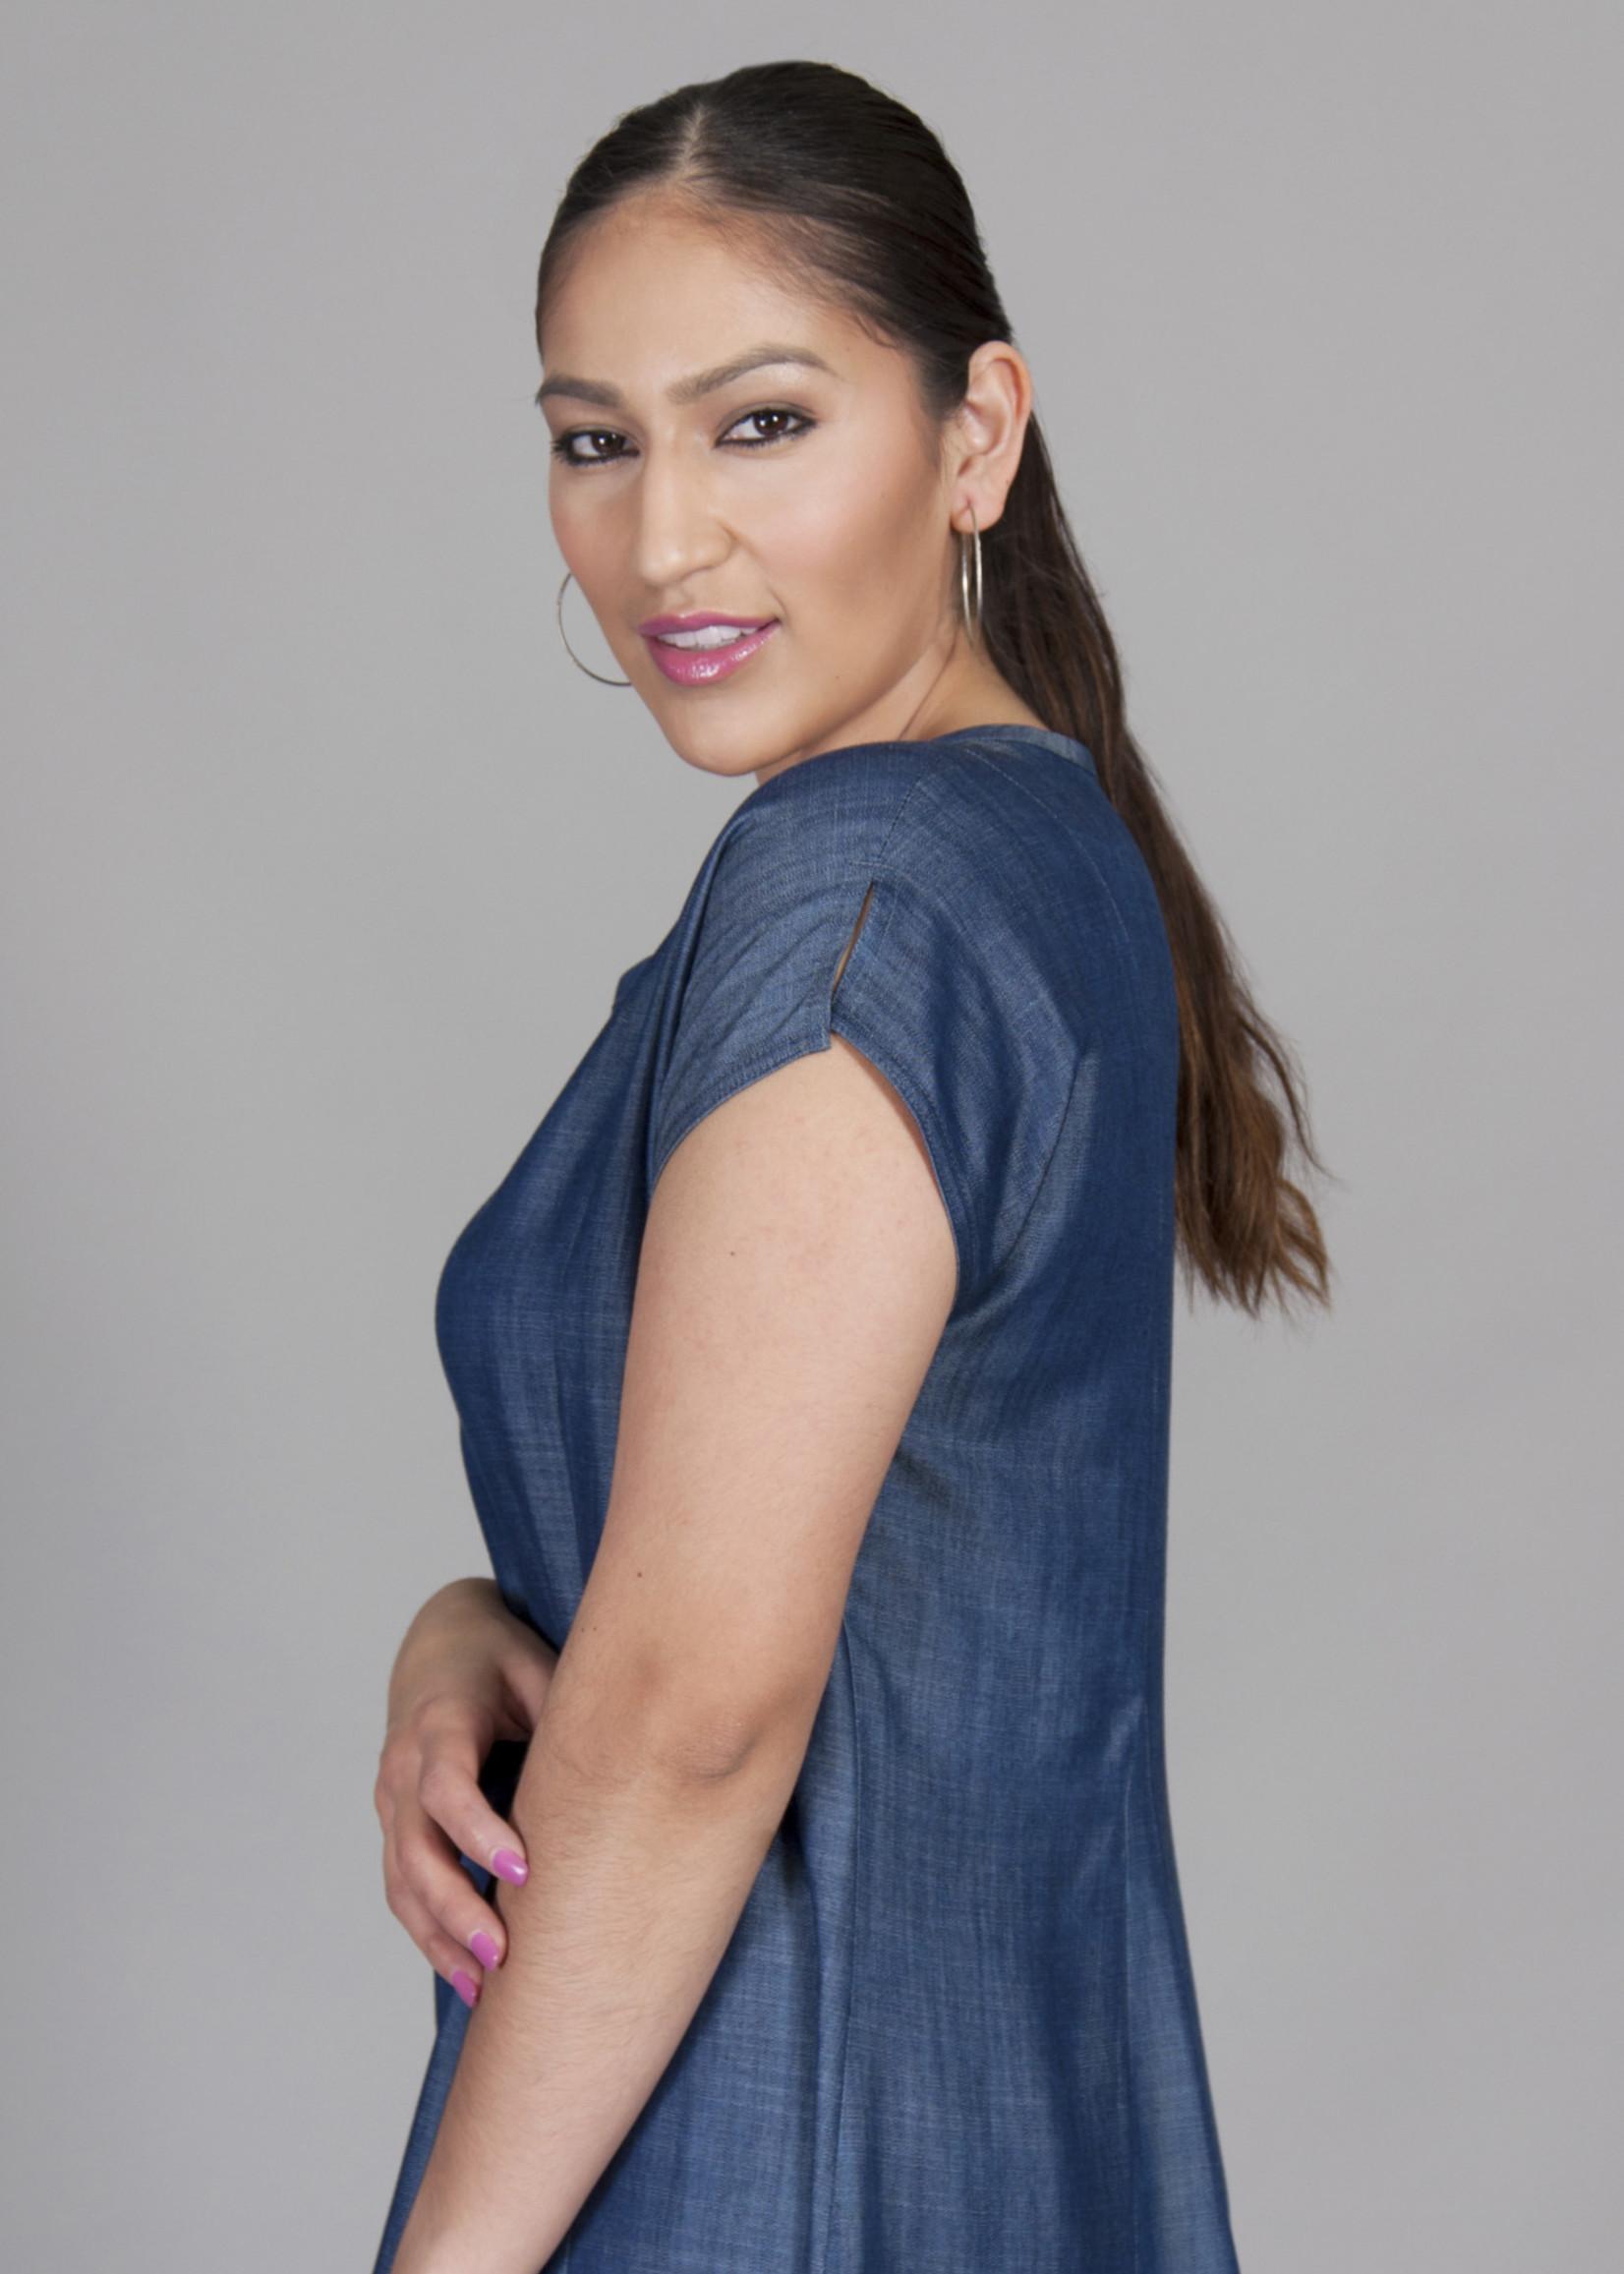 SARAH KUENYEFU MID-LENGTH INSERT  DENIM DRESS